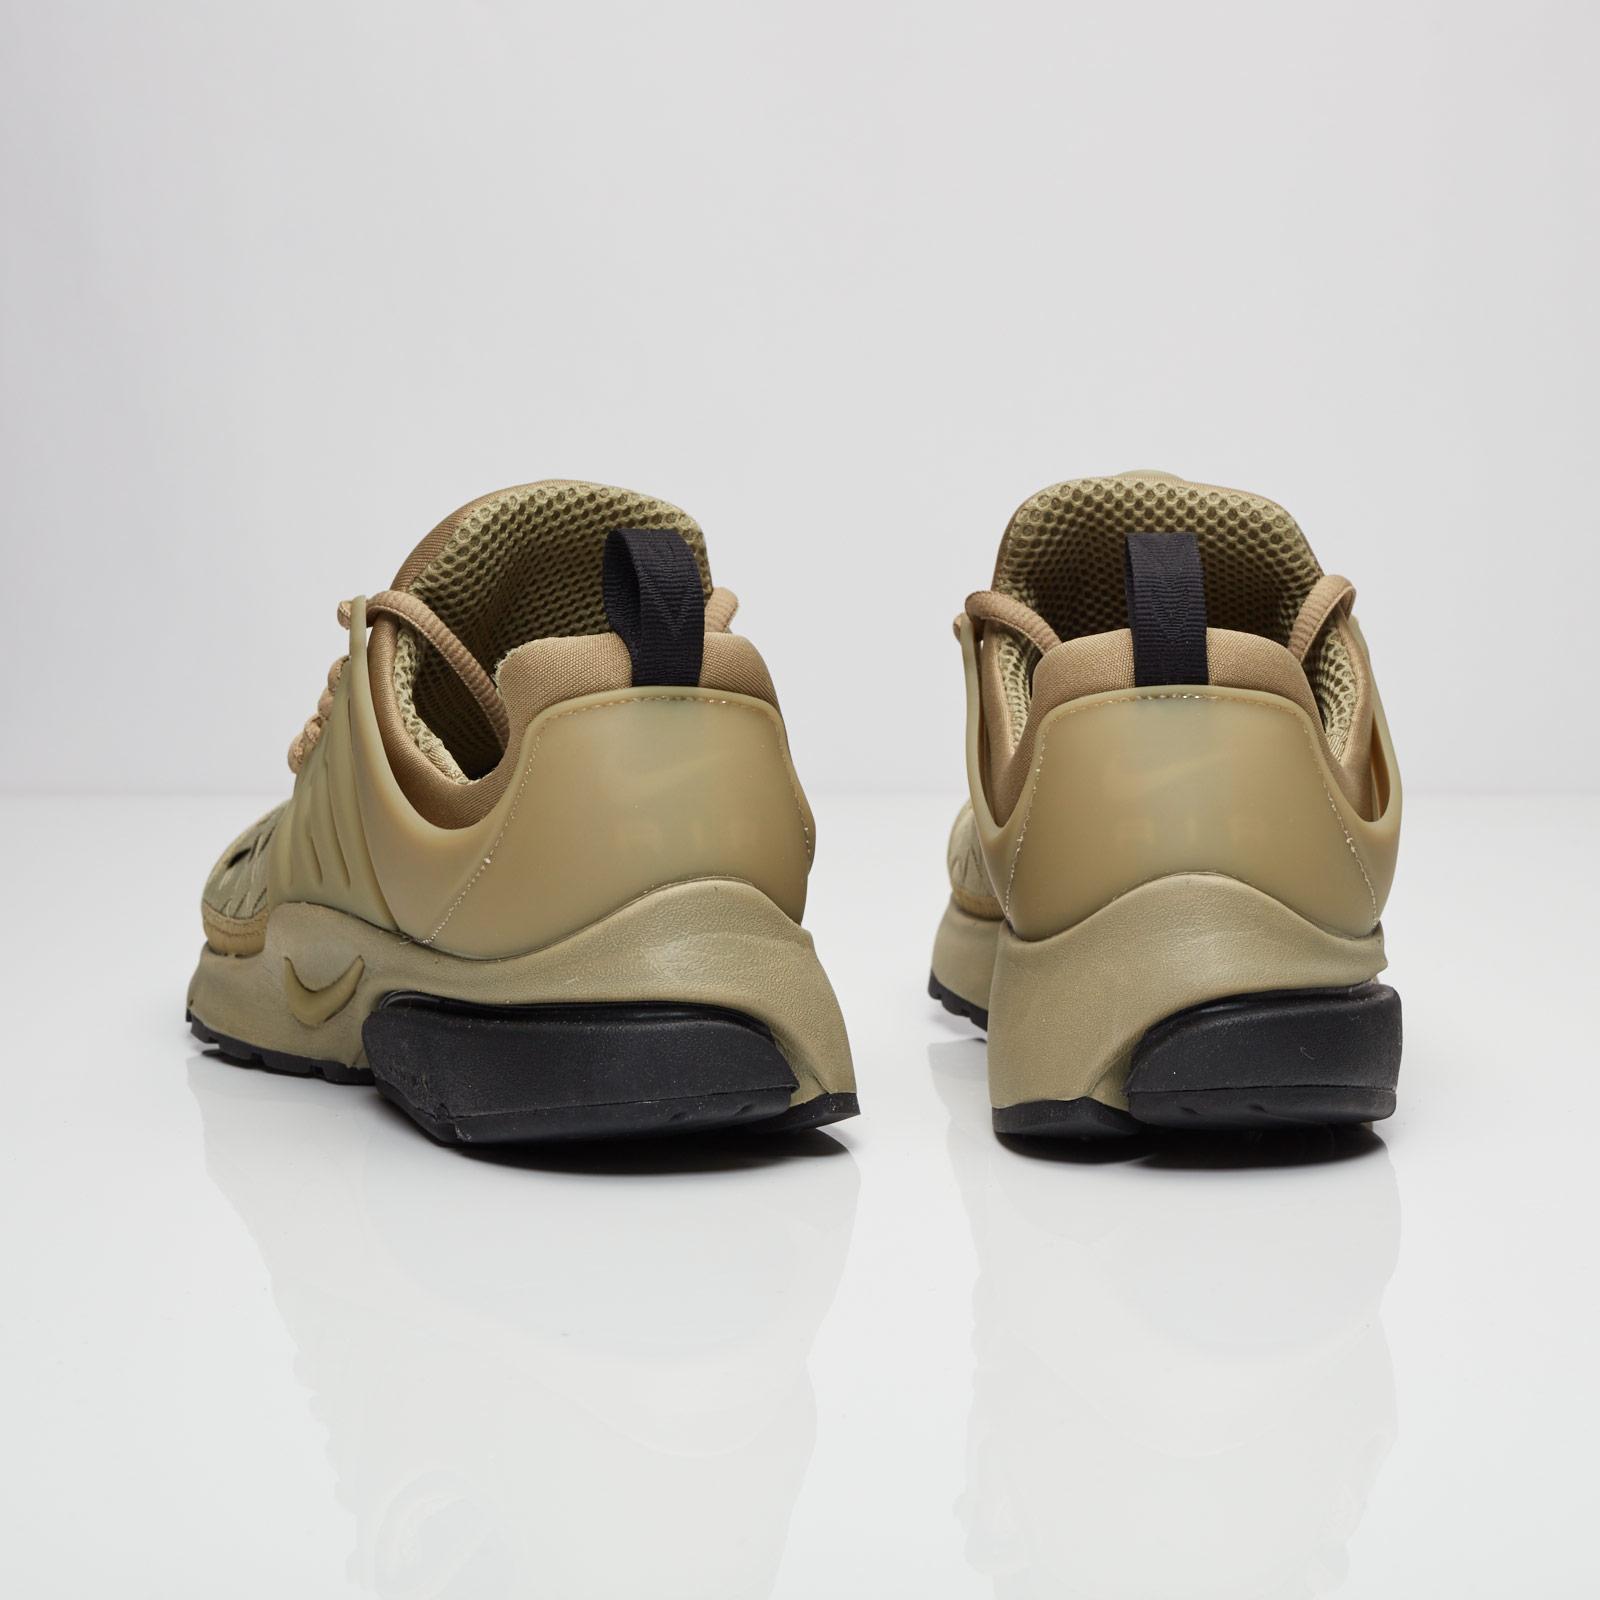 5bef05cdf6cae Nike Air Presto SE - 848186-200 - Sneakersnstuff | sneakers & streetwear  online since 1999